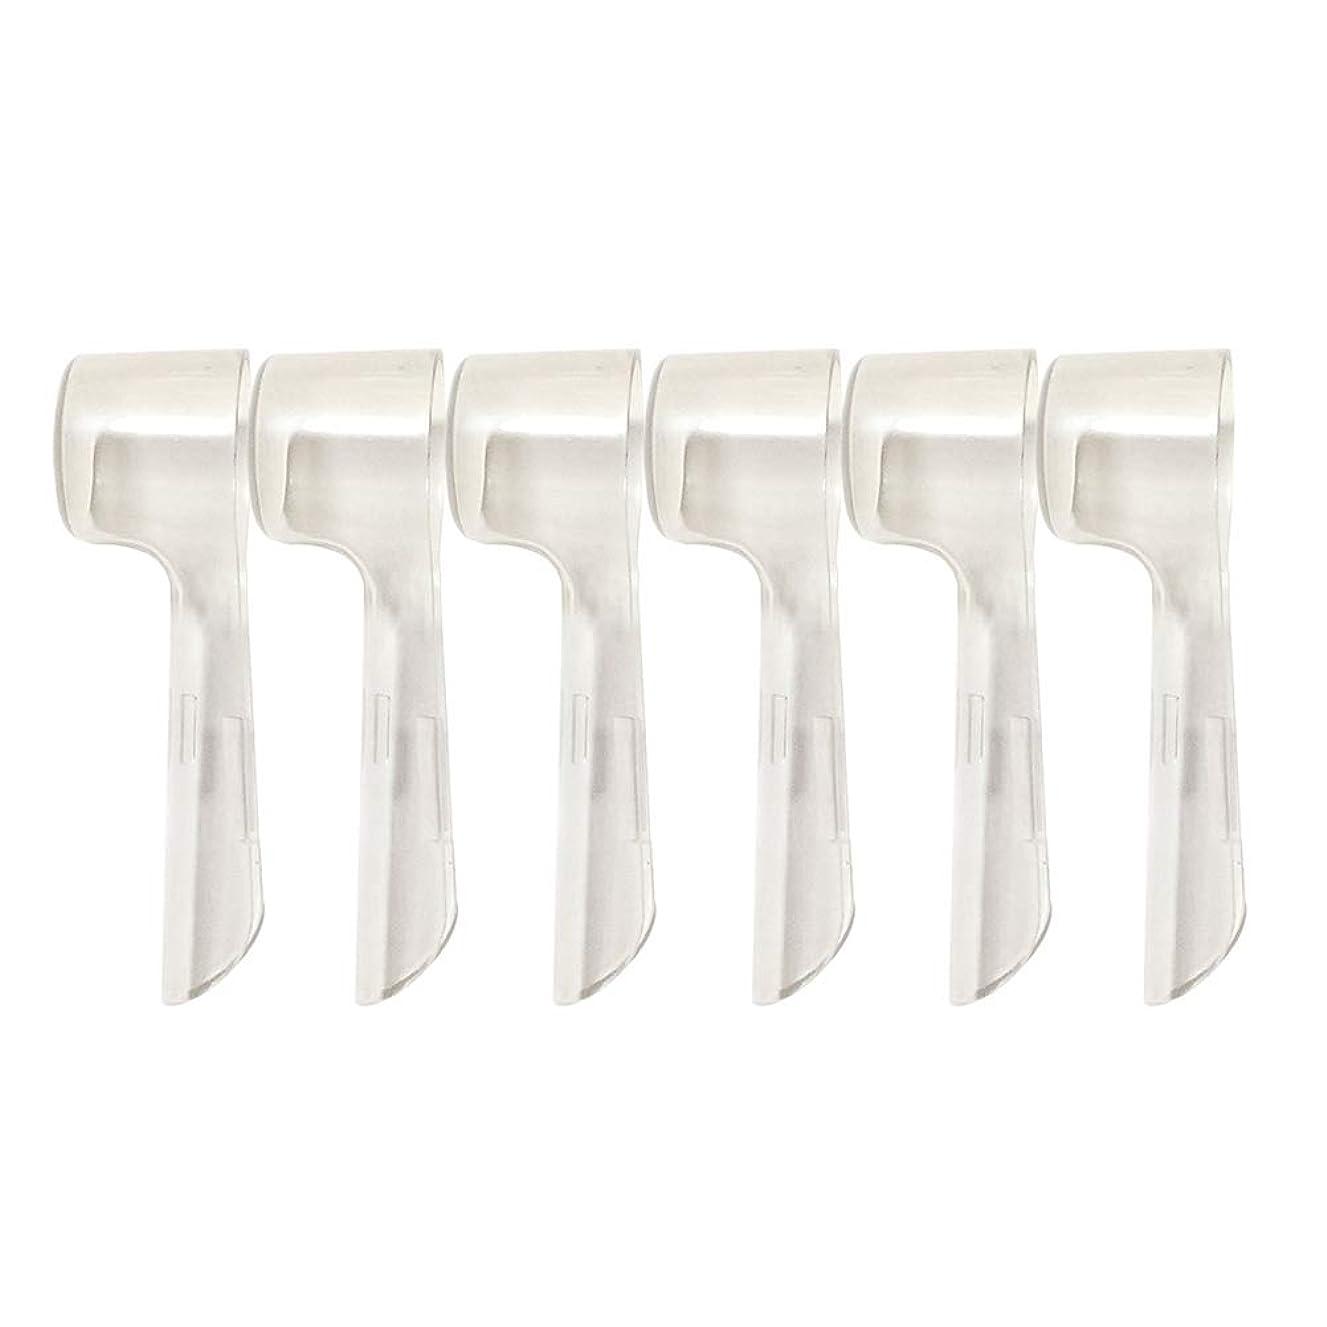 抑圧者非常に怒っています方程式Healifty 10本の歯ブラシカバー電動歯ブラシは旅行やその他の衛生に便利です。